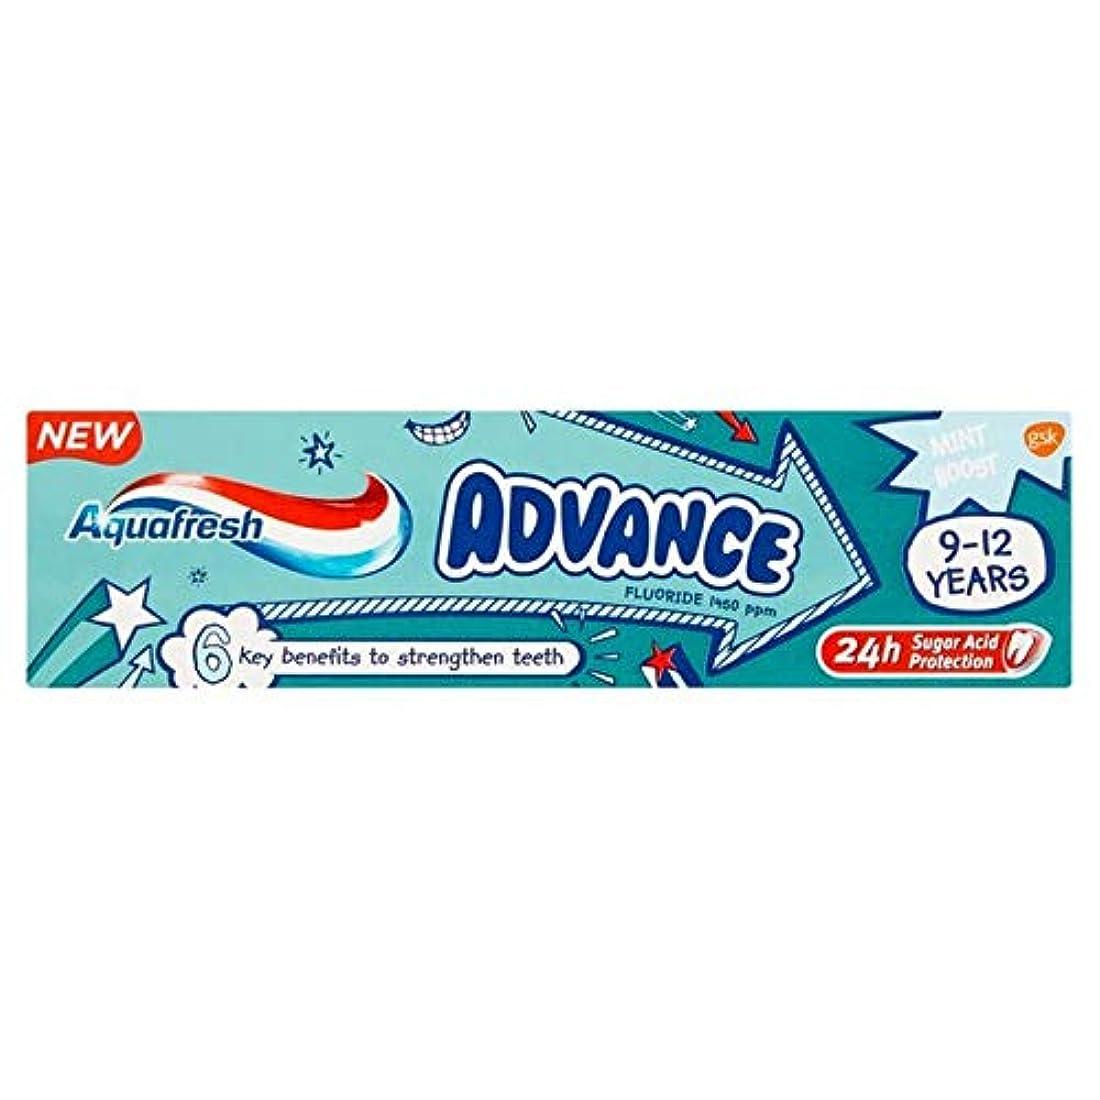 道徳の永遠に舌な[Aquafresh ] アクアフレッシュの事前9-12年間の子供の歯磨き粉75ミリリットル - Aquafresh Advance 9-12 Years Kids Toothpaste 75ml [並行輸入品]